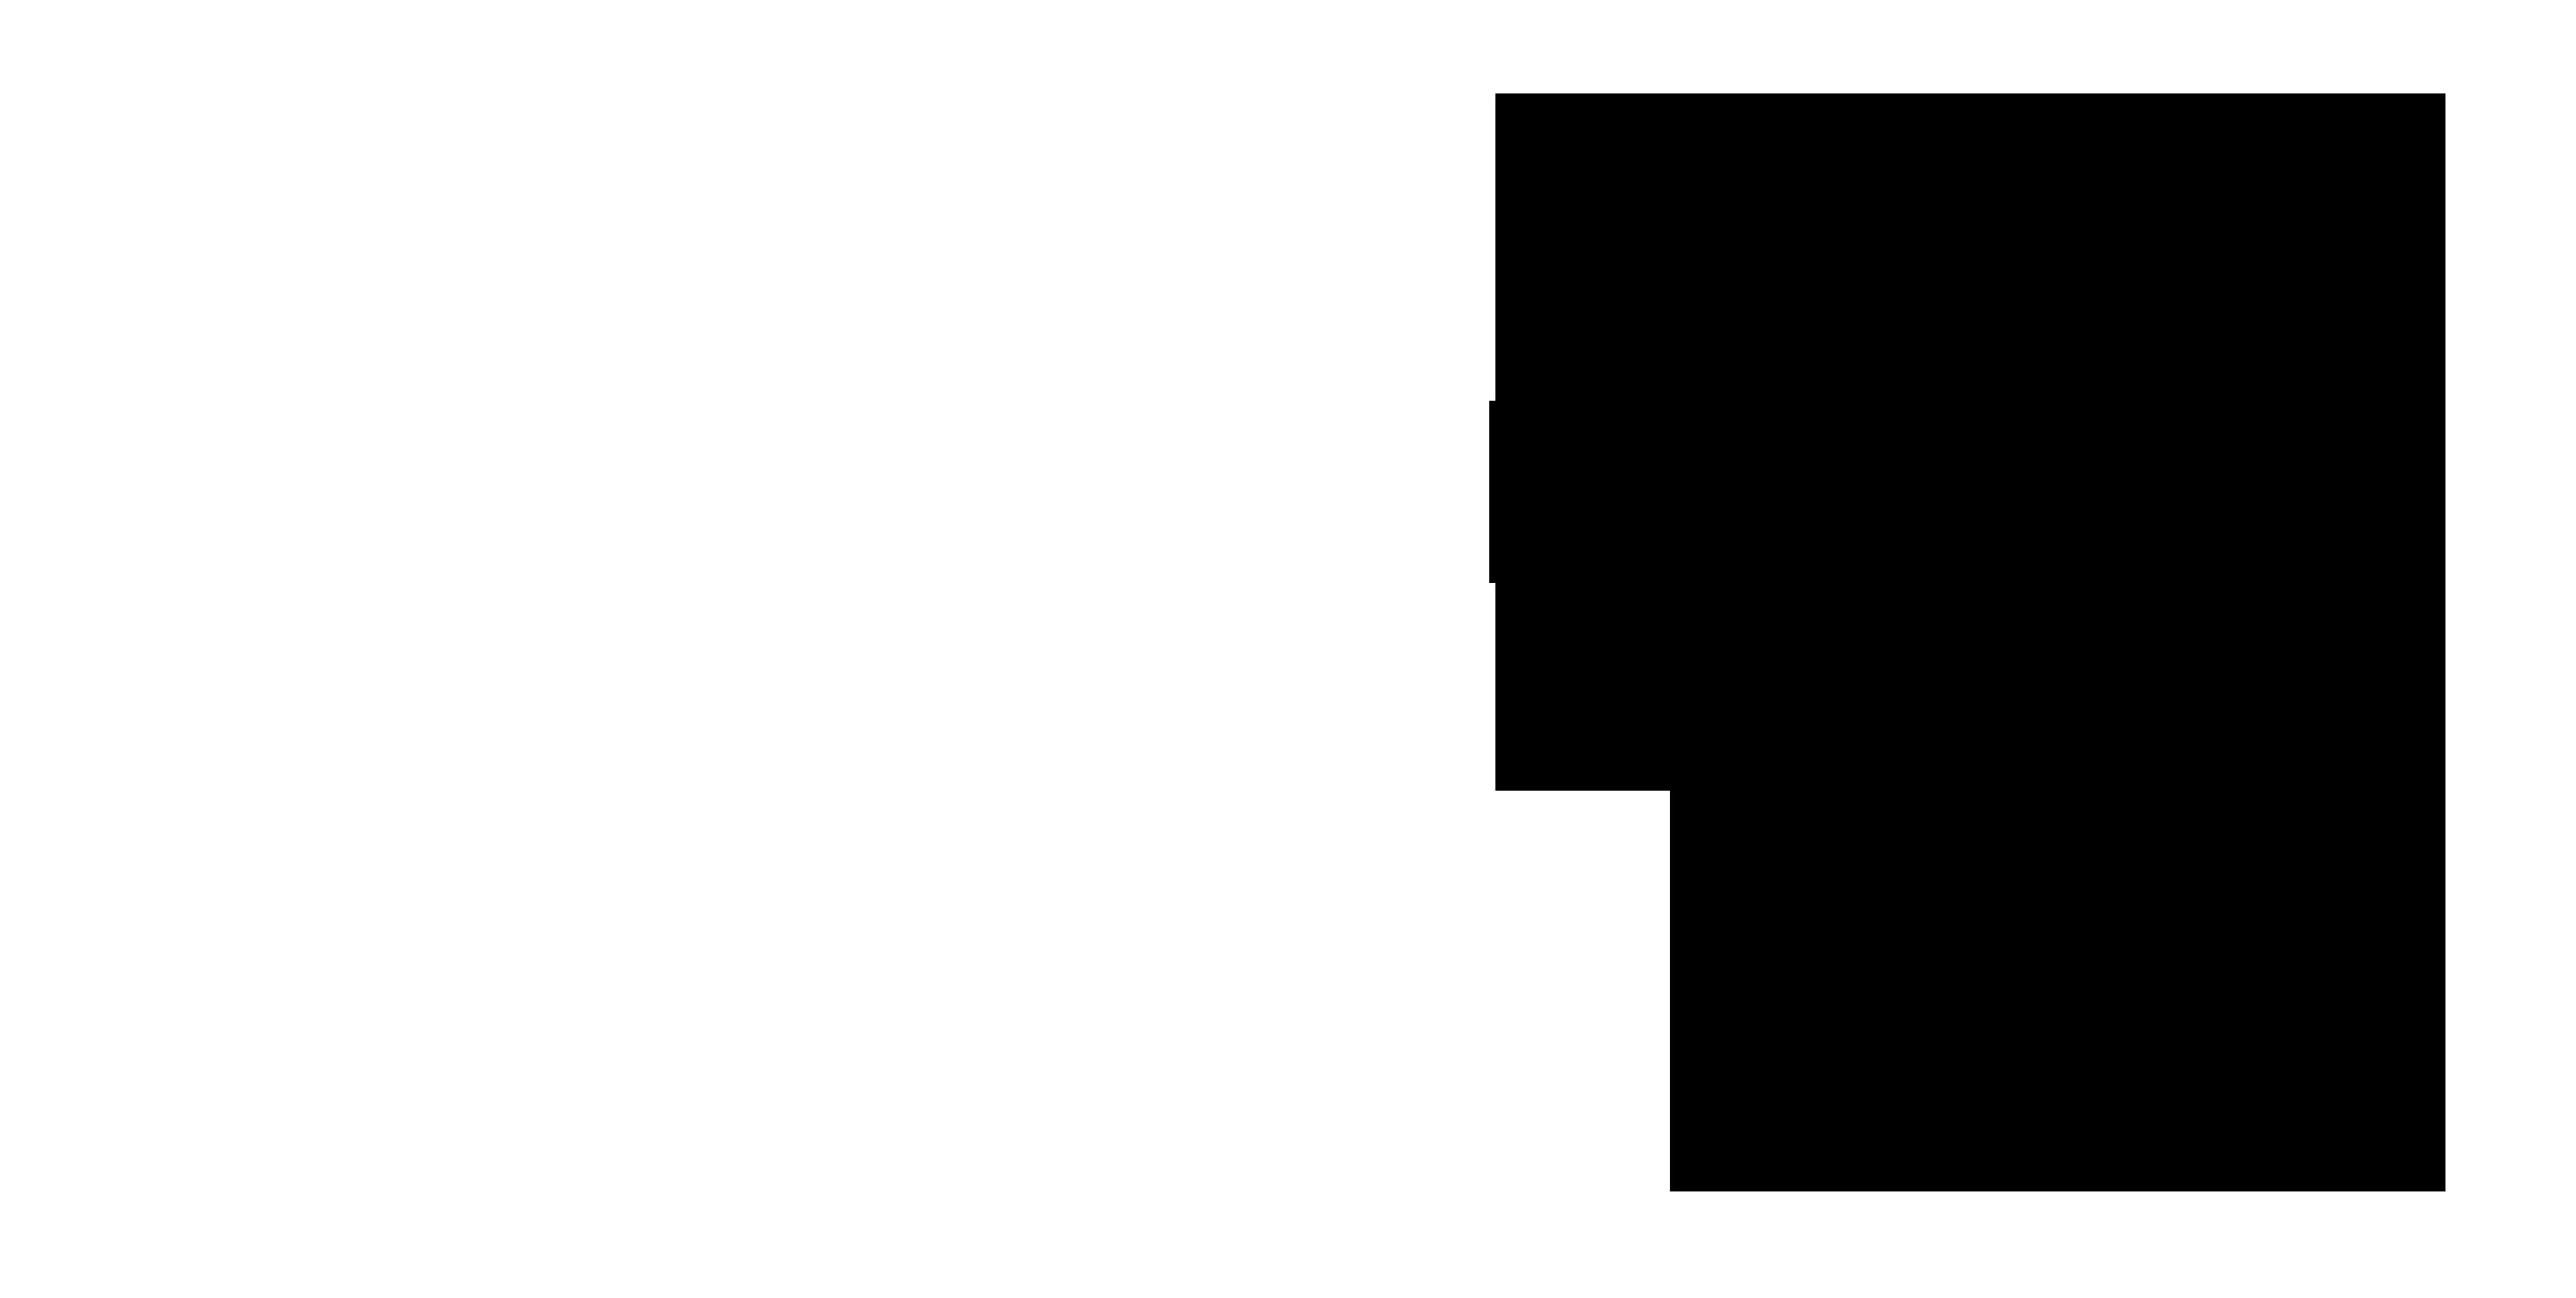 ذا بيوتيفول مايند سيريز